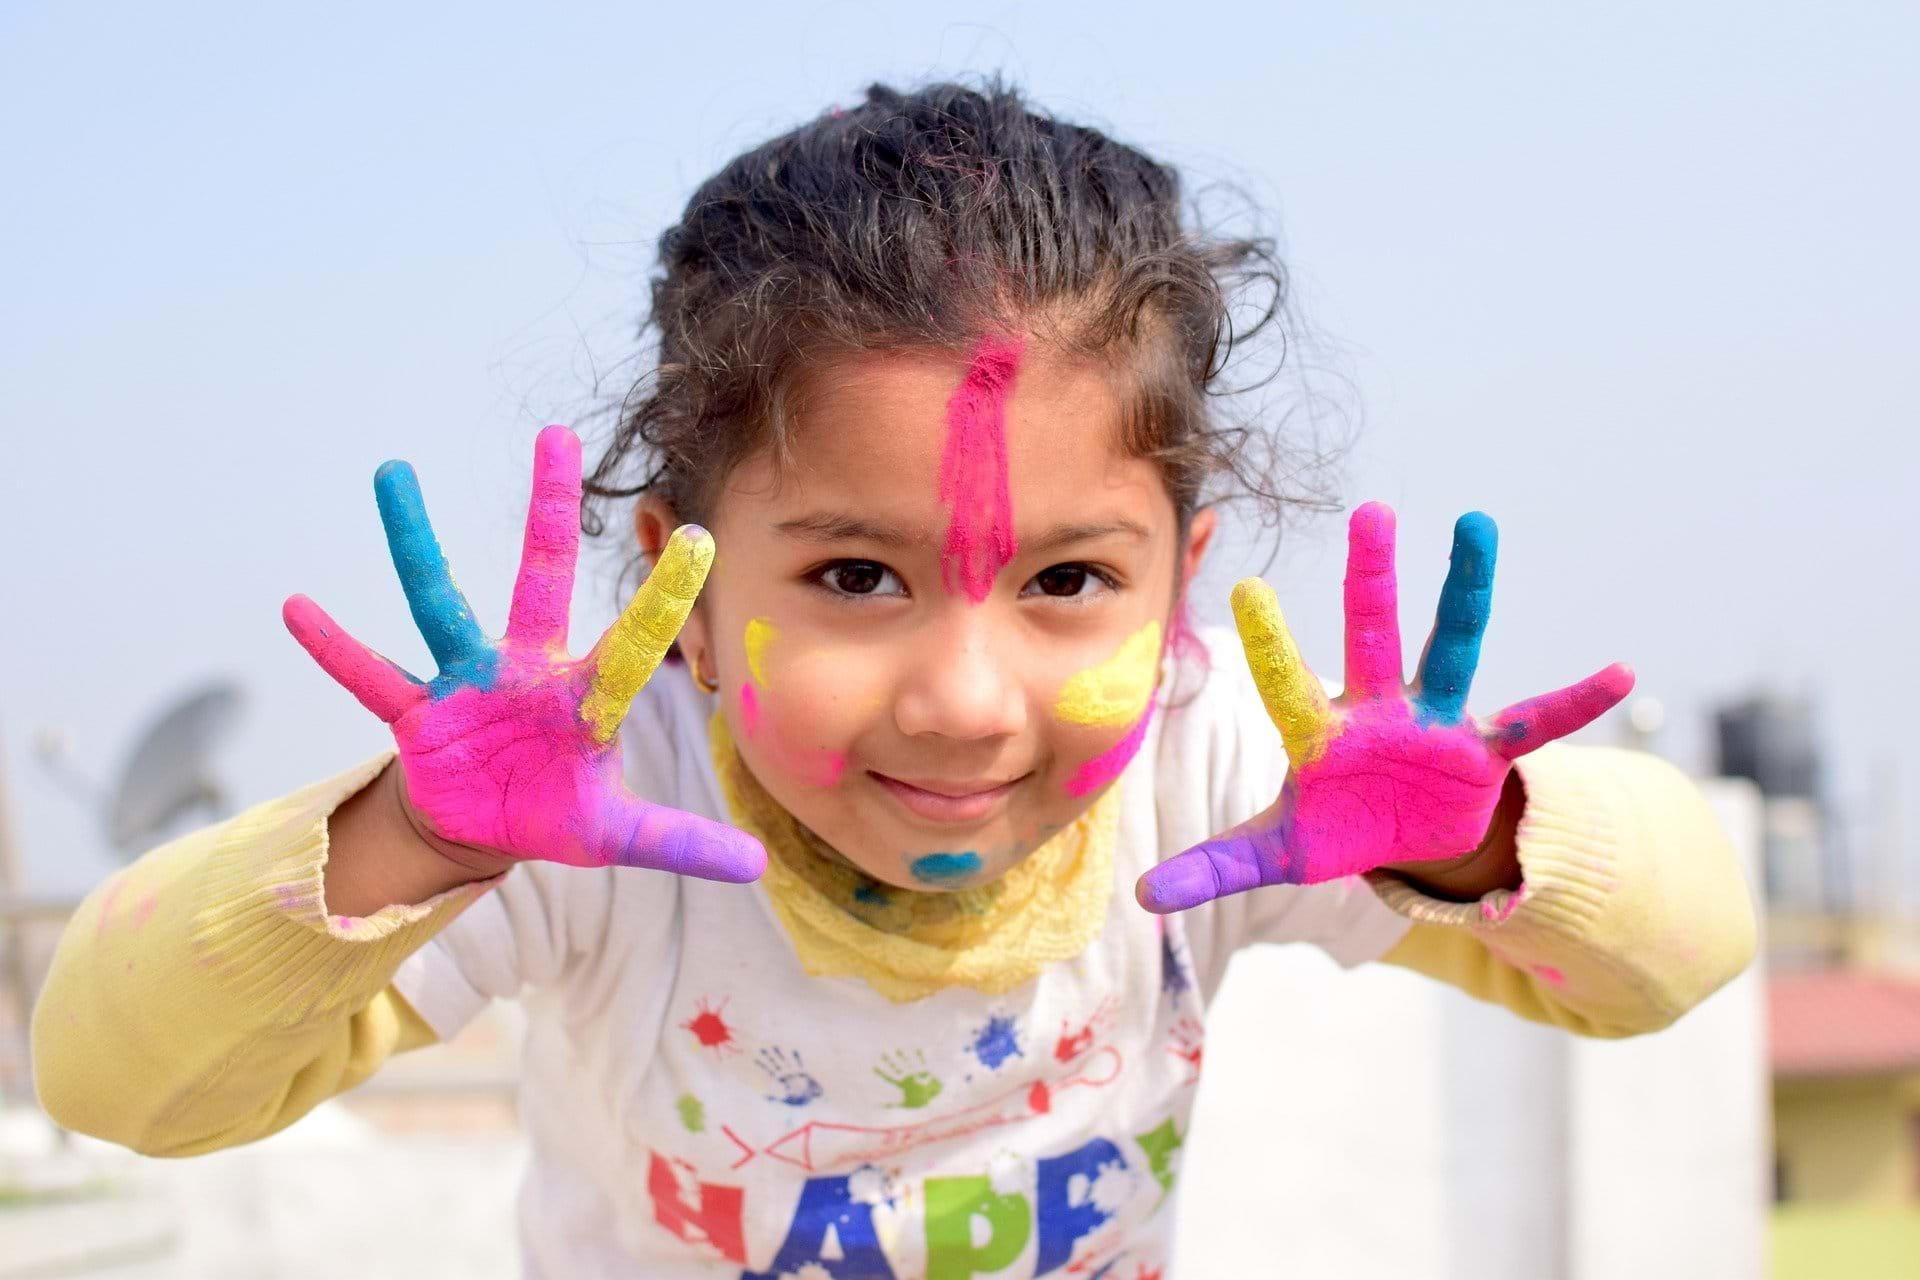 En lille pige kigger glad ind i kameraet. Hun har farverig maling på hænderne og i ansigtet.